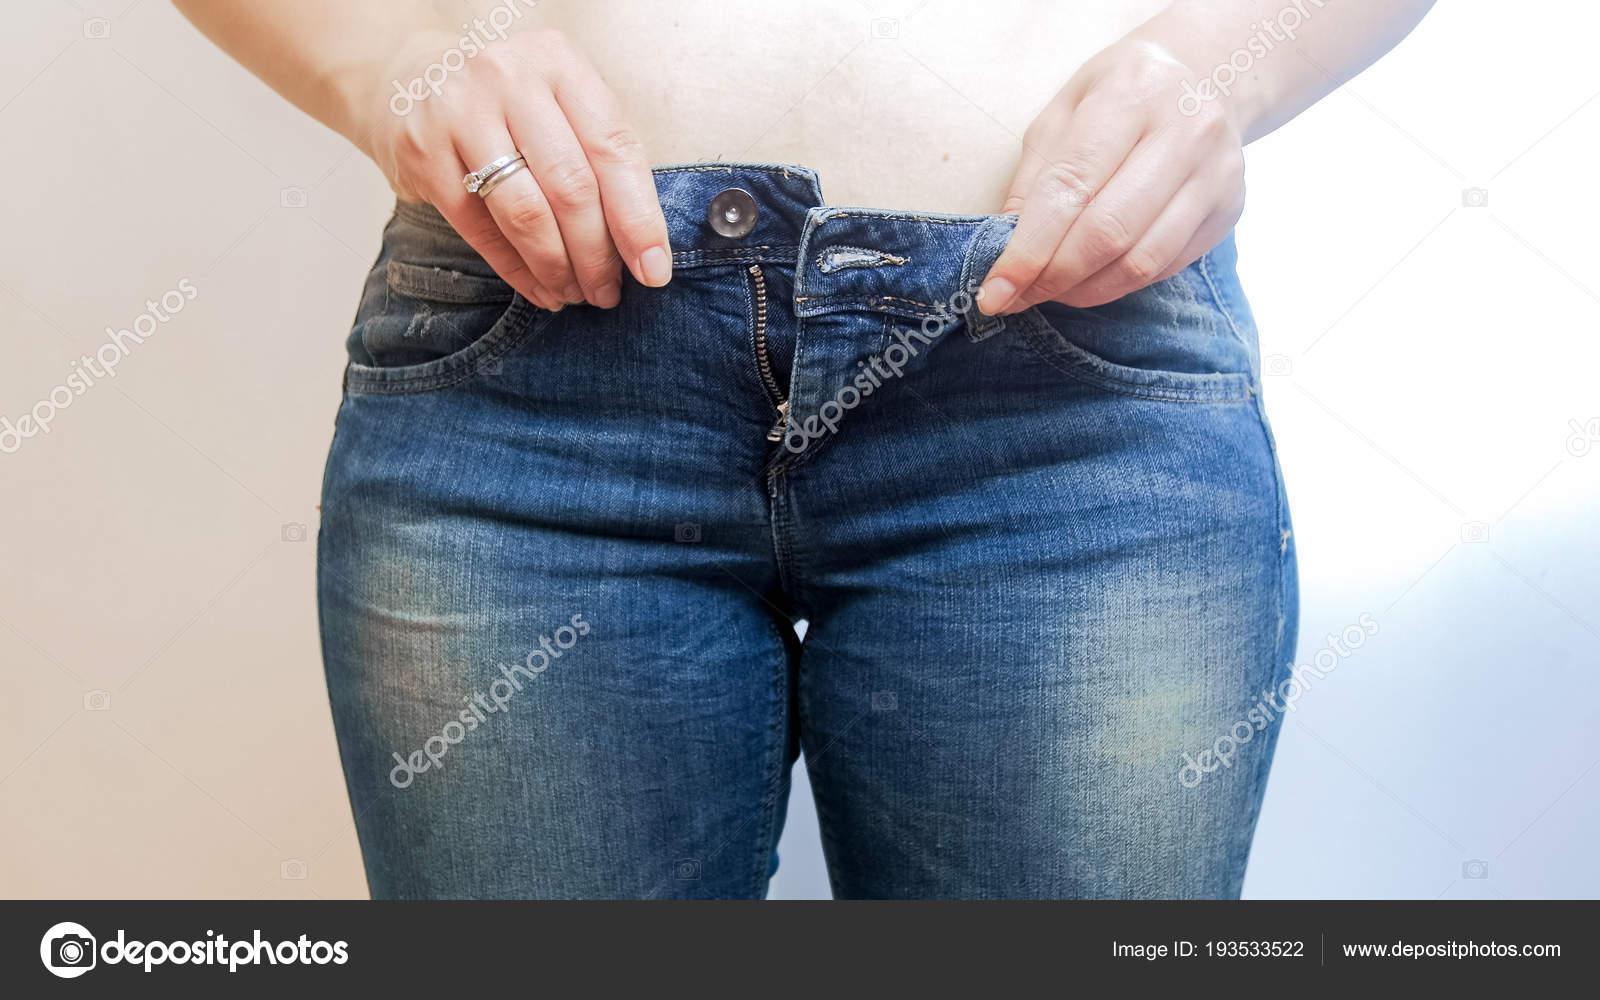 Лекси белл девушки в джинсах обтягивающих фото крупным планом позы балерин фото